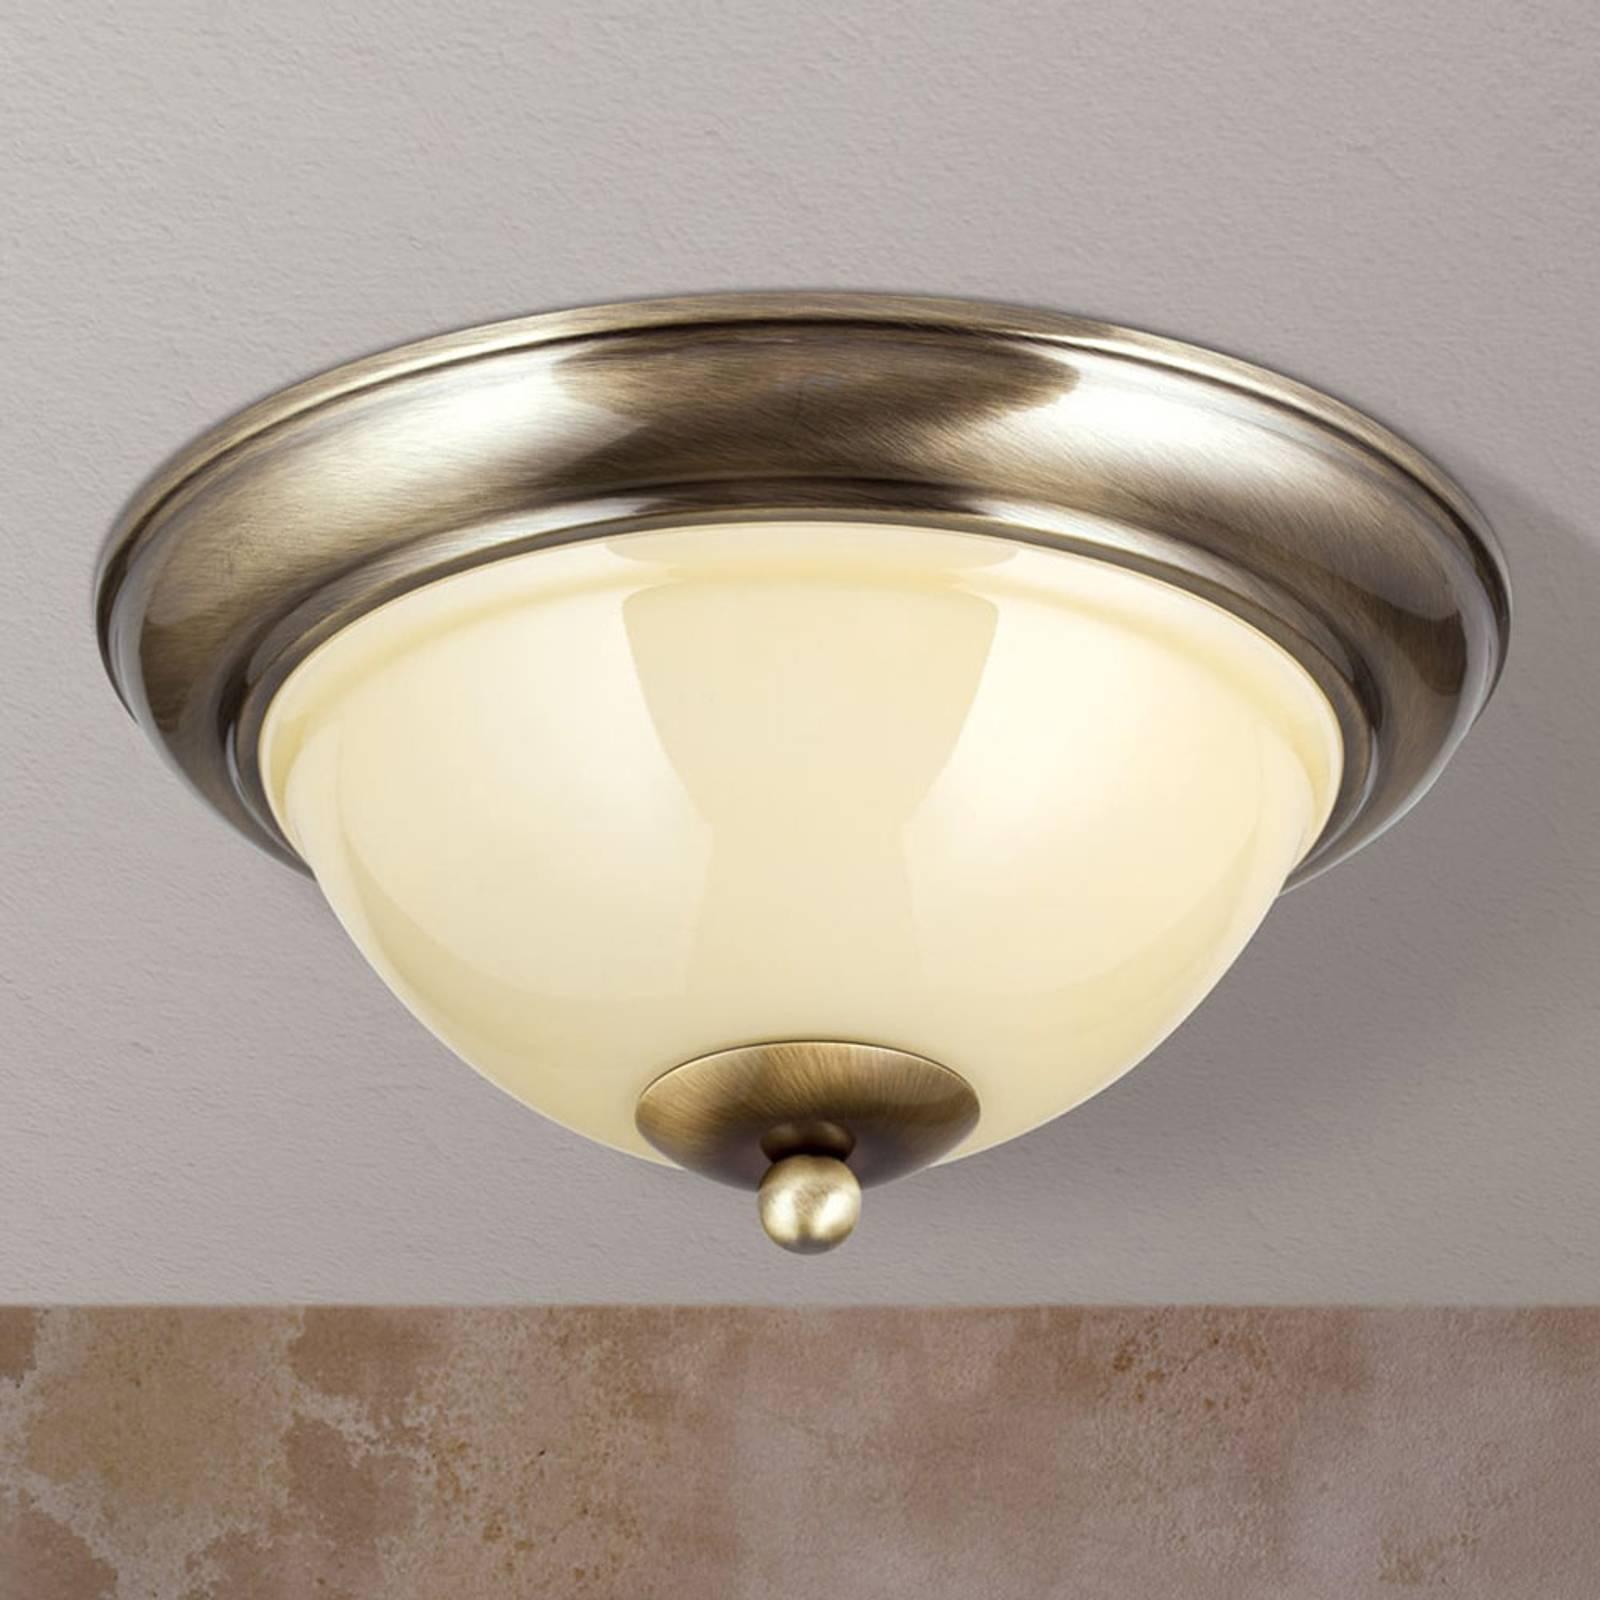 Deckenleuchte Austrian Old Lamp, Ø 27 cm